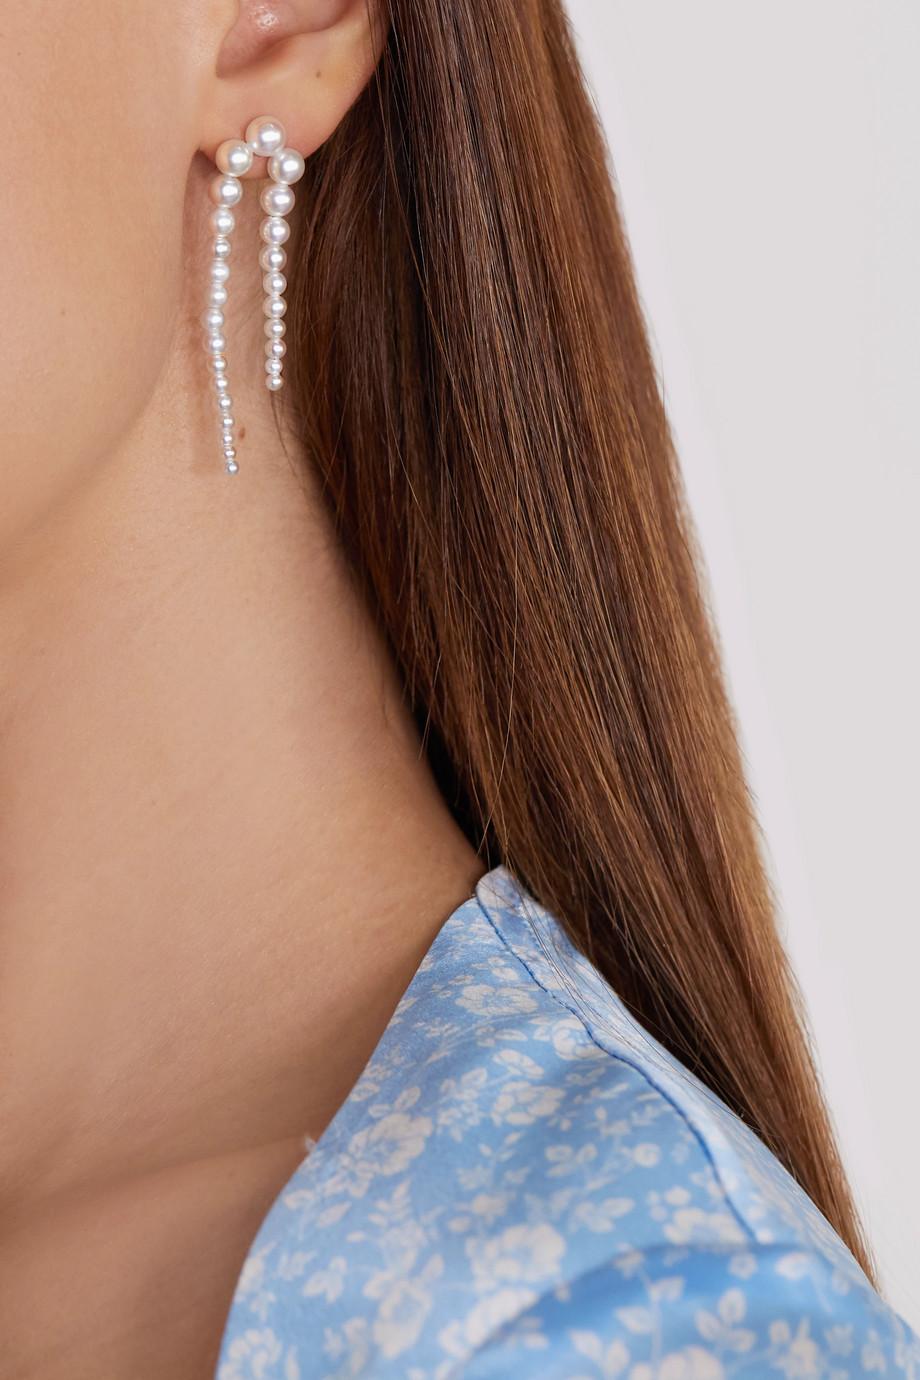 Sophie Bille Brahe Boucle d'oreille en or 14 carats et perles Perle Nuit